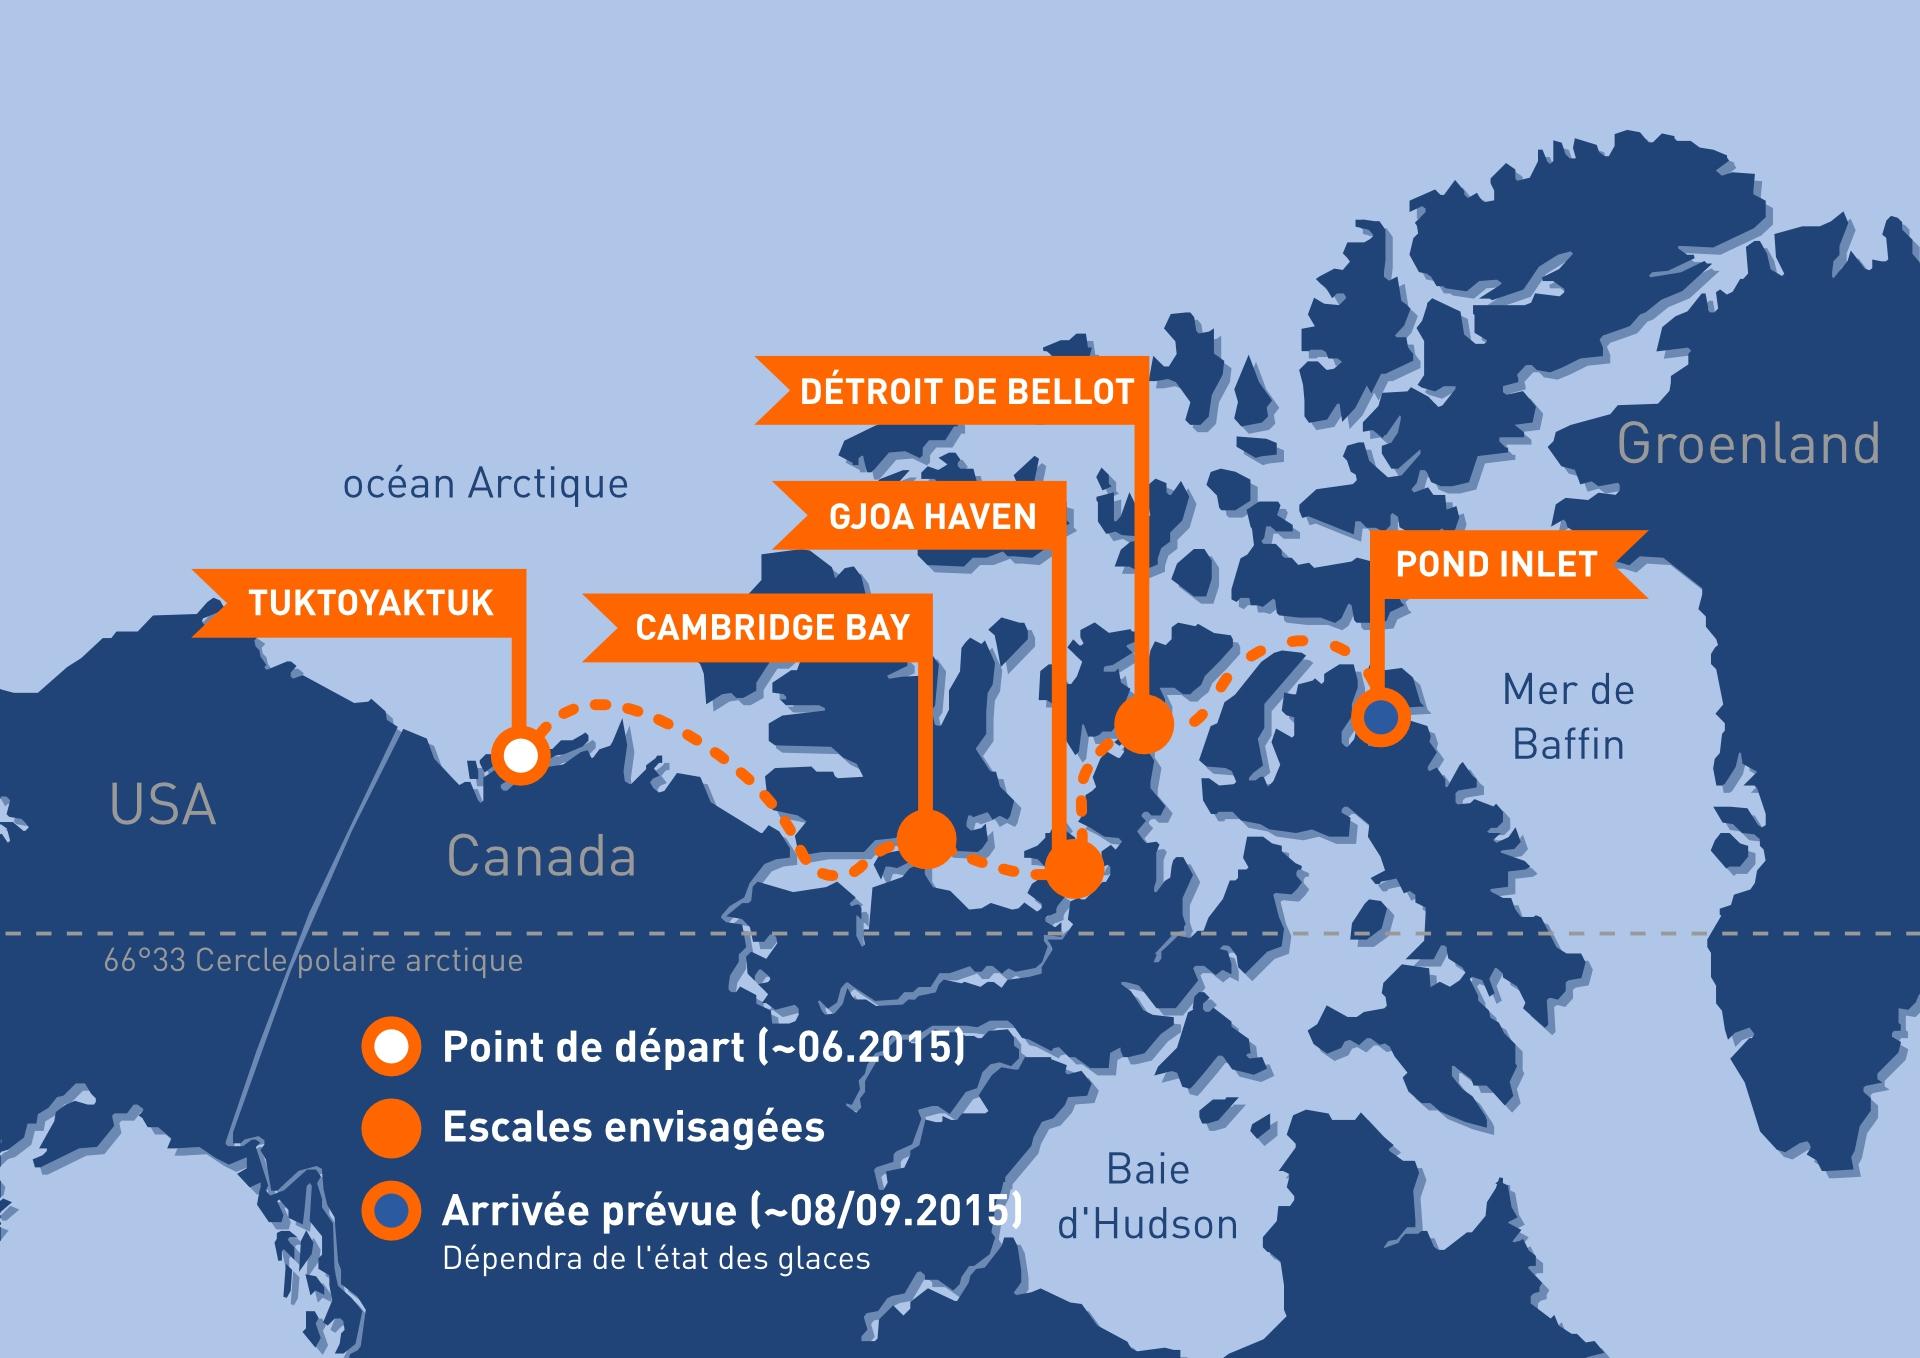 solararcticpassage,solaire,polaire,raphaël domjan,anne quéméré,grand nord,canada